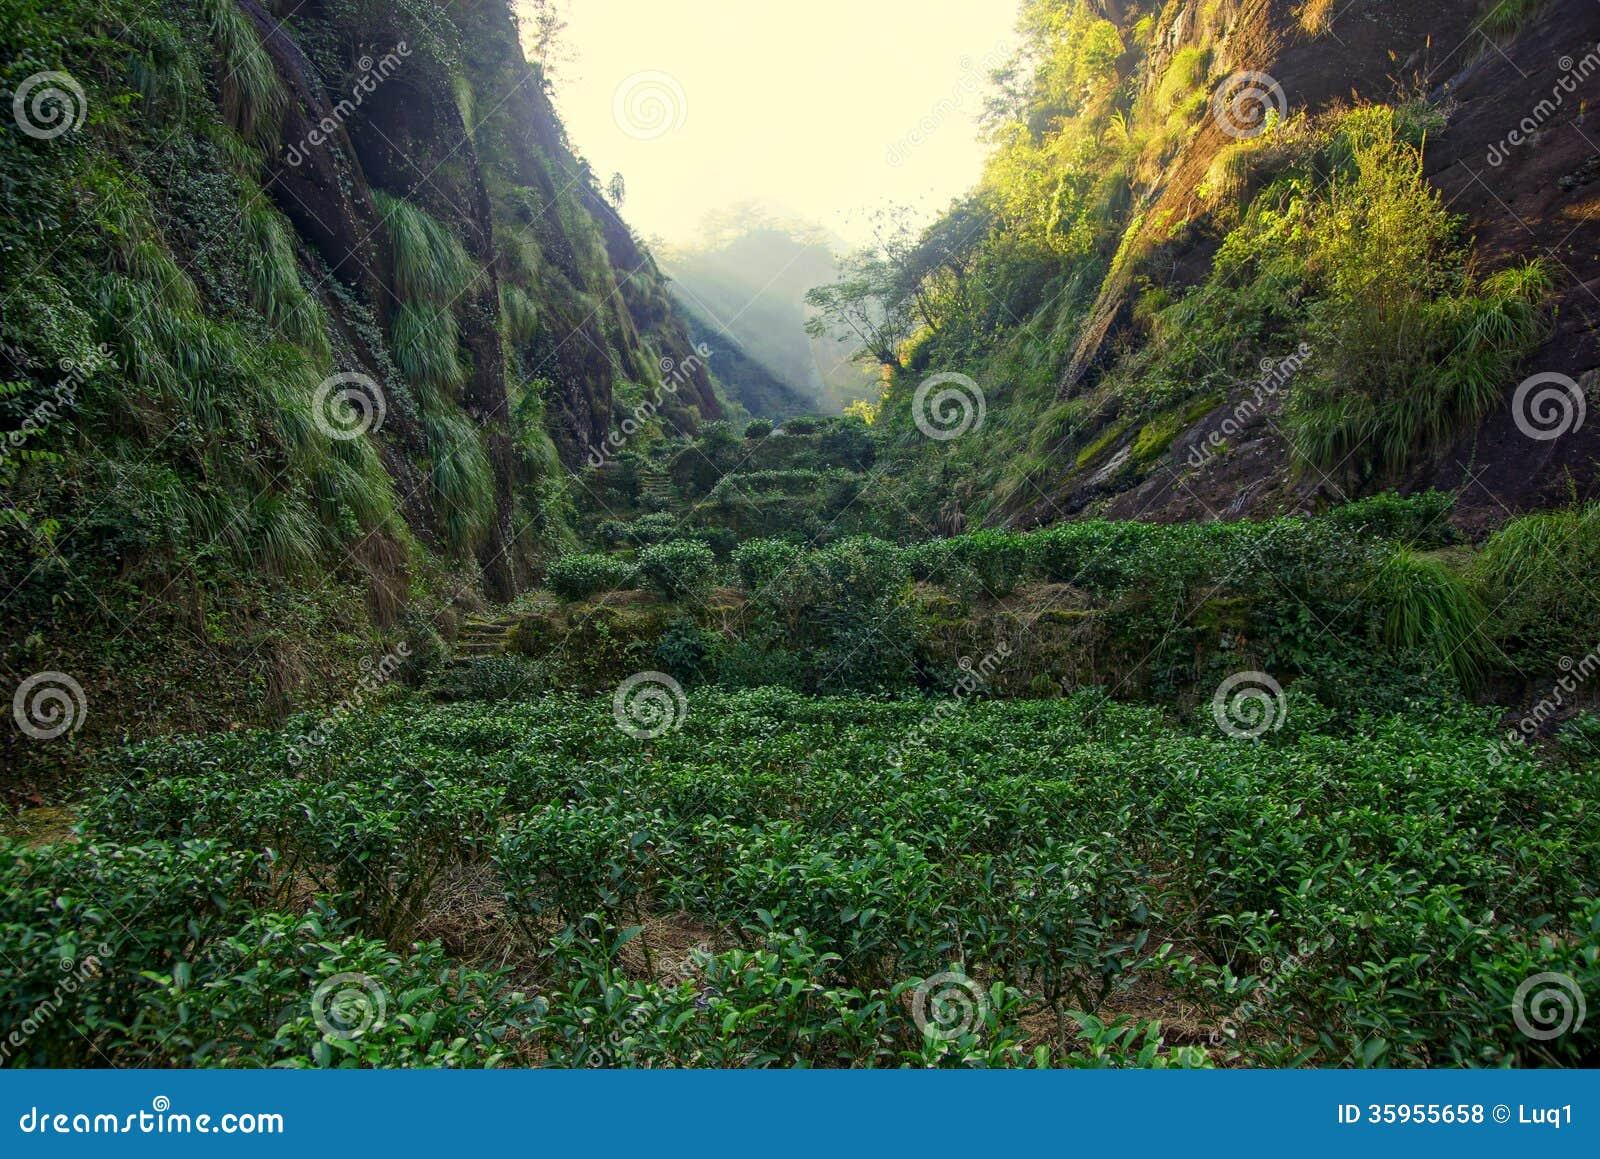 Plantación de té en la provincia de Fujian, China